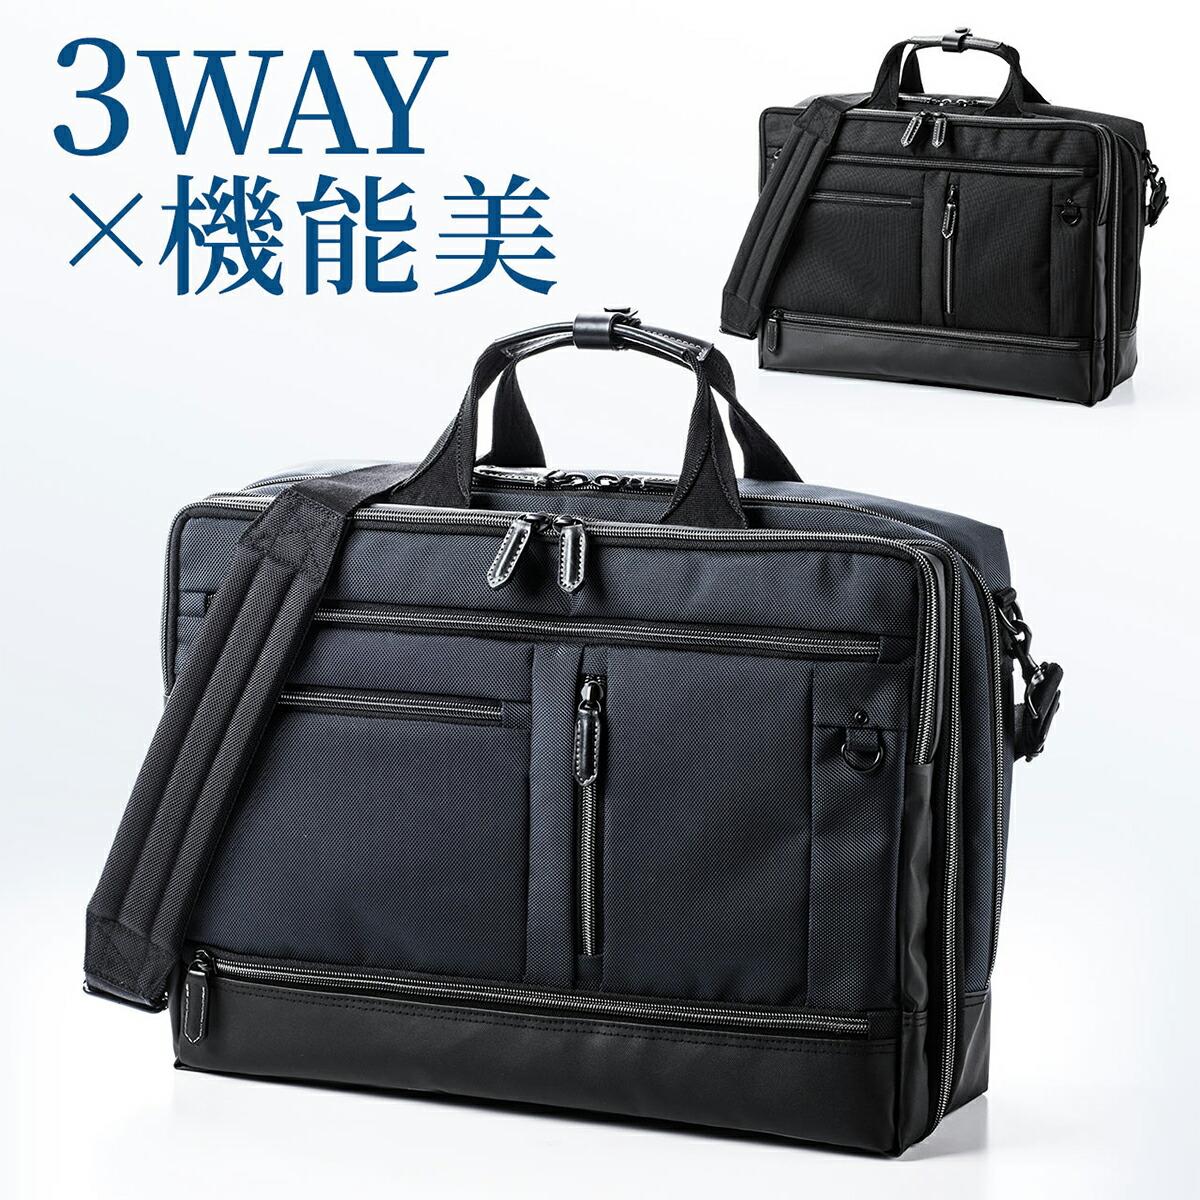 27e0b87ec525 出張にも使えるビジネスバッグ(3WAY)【メンズ】のおすすめランキング ...